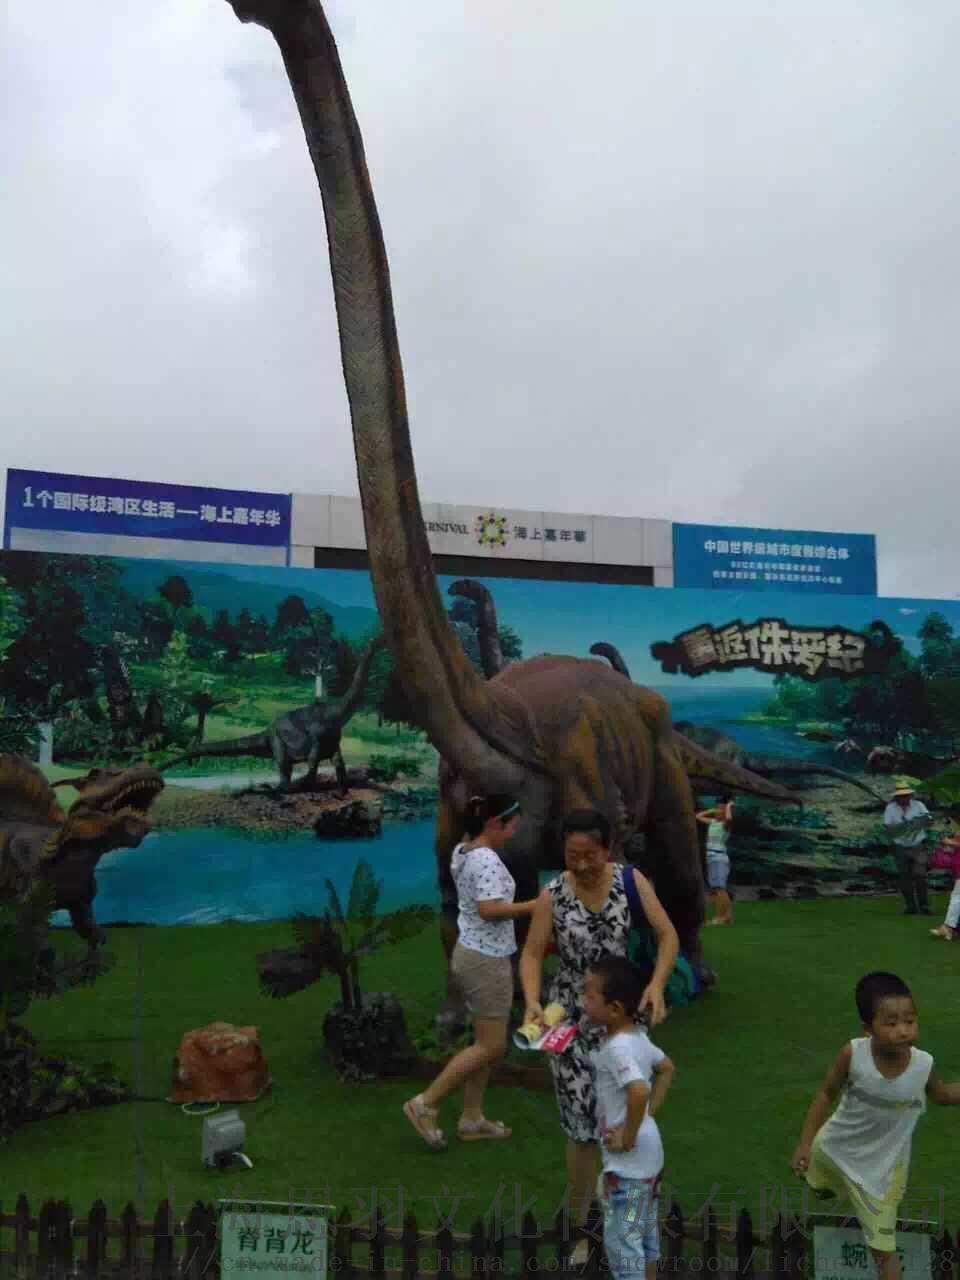 大型展览设备恐龙模型出租专业恐龙展租赁公司817409075